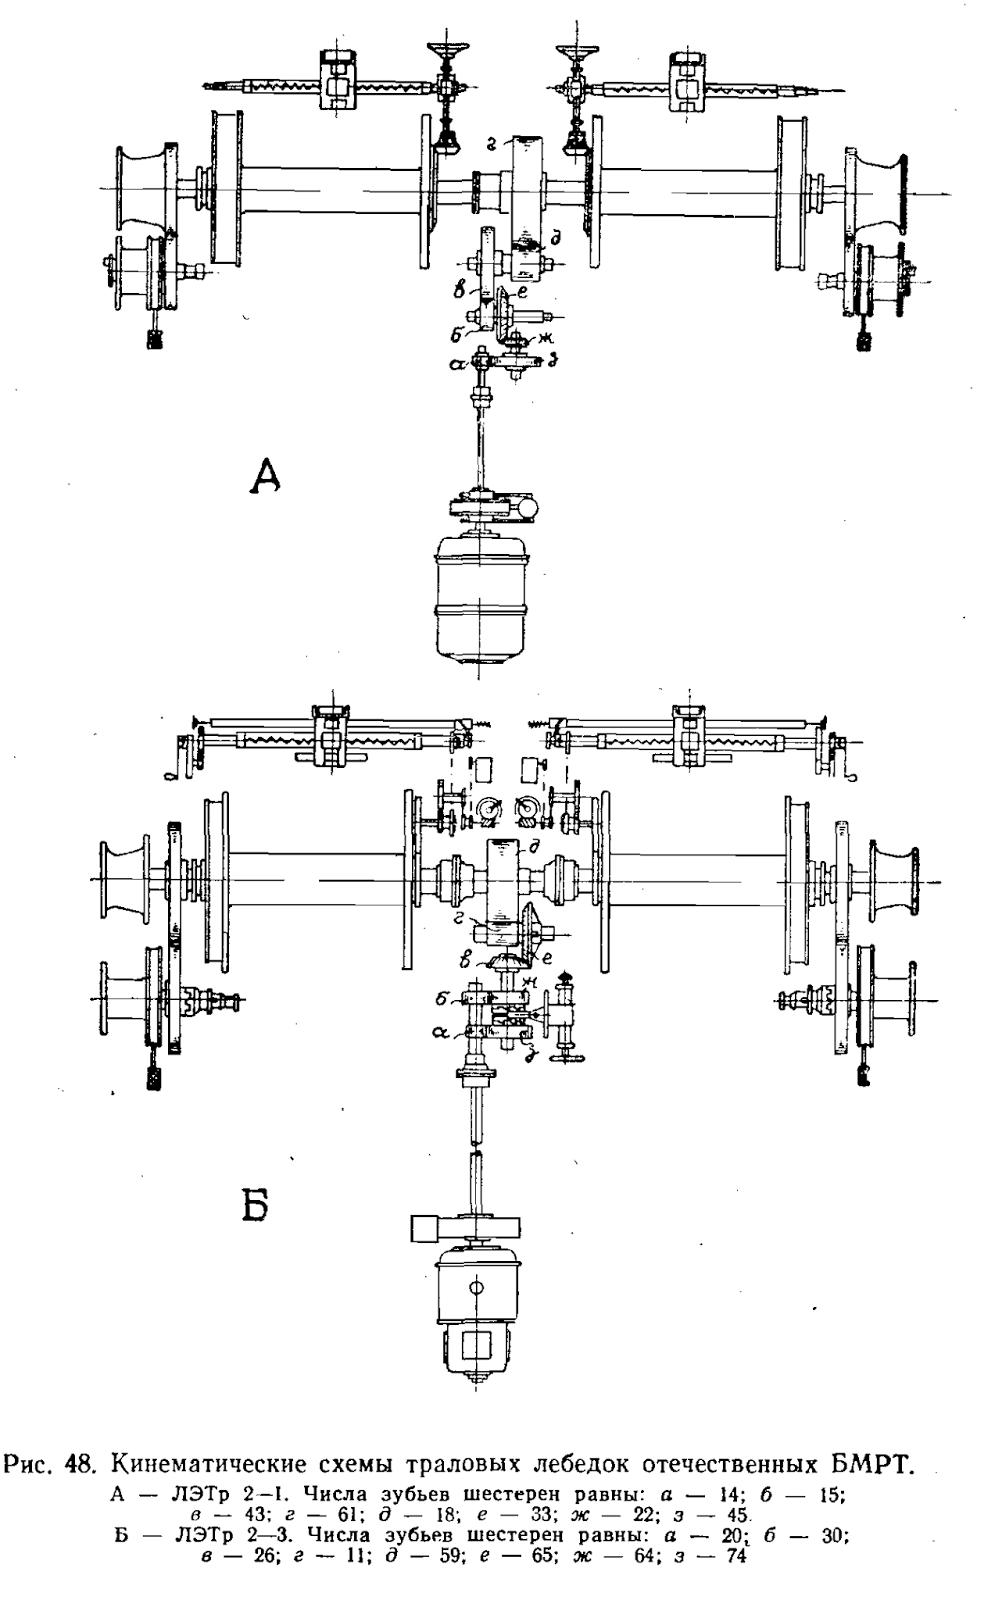 схема пебёдки для машины